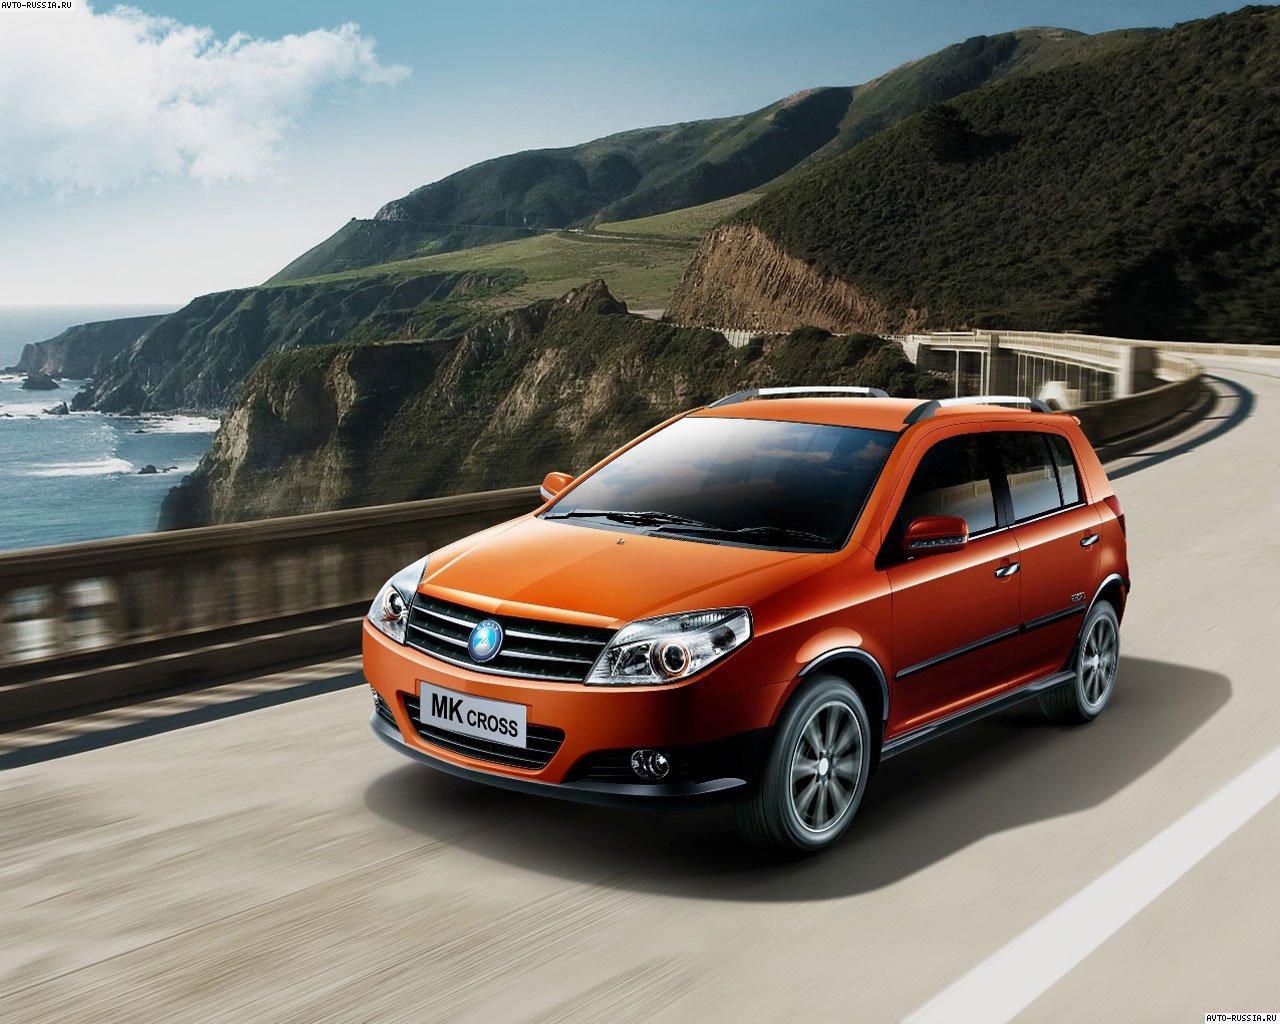 Автокредит на покупку автомобиля Джили: условия, процентные ставки